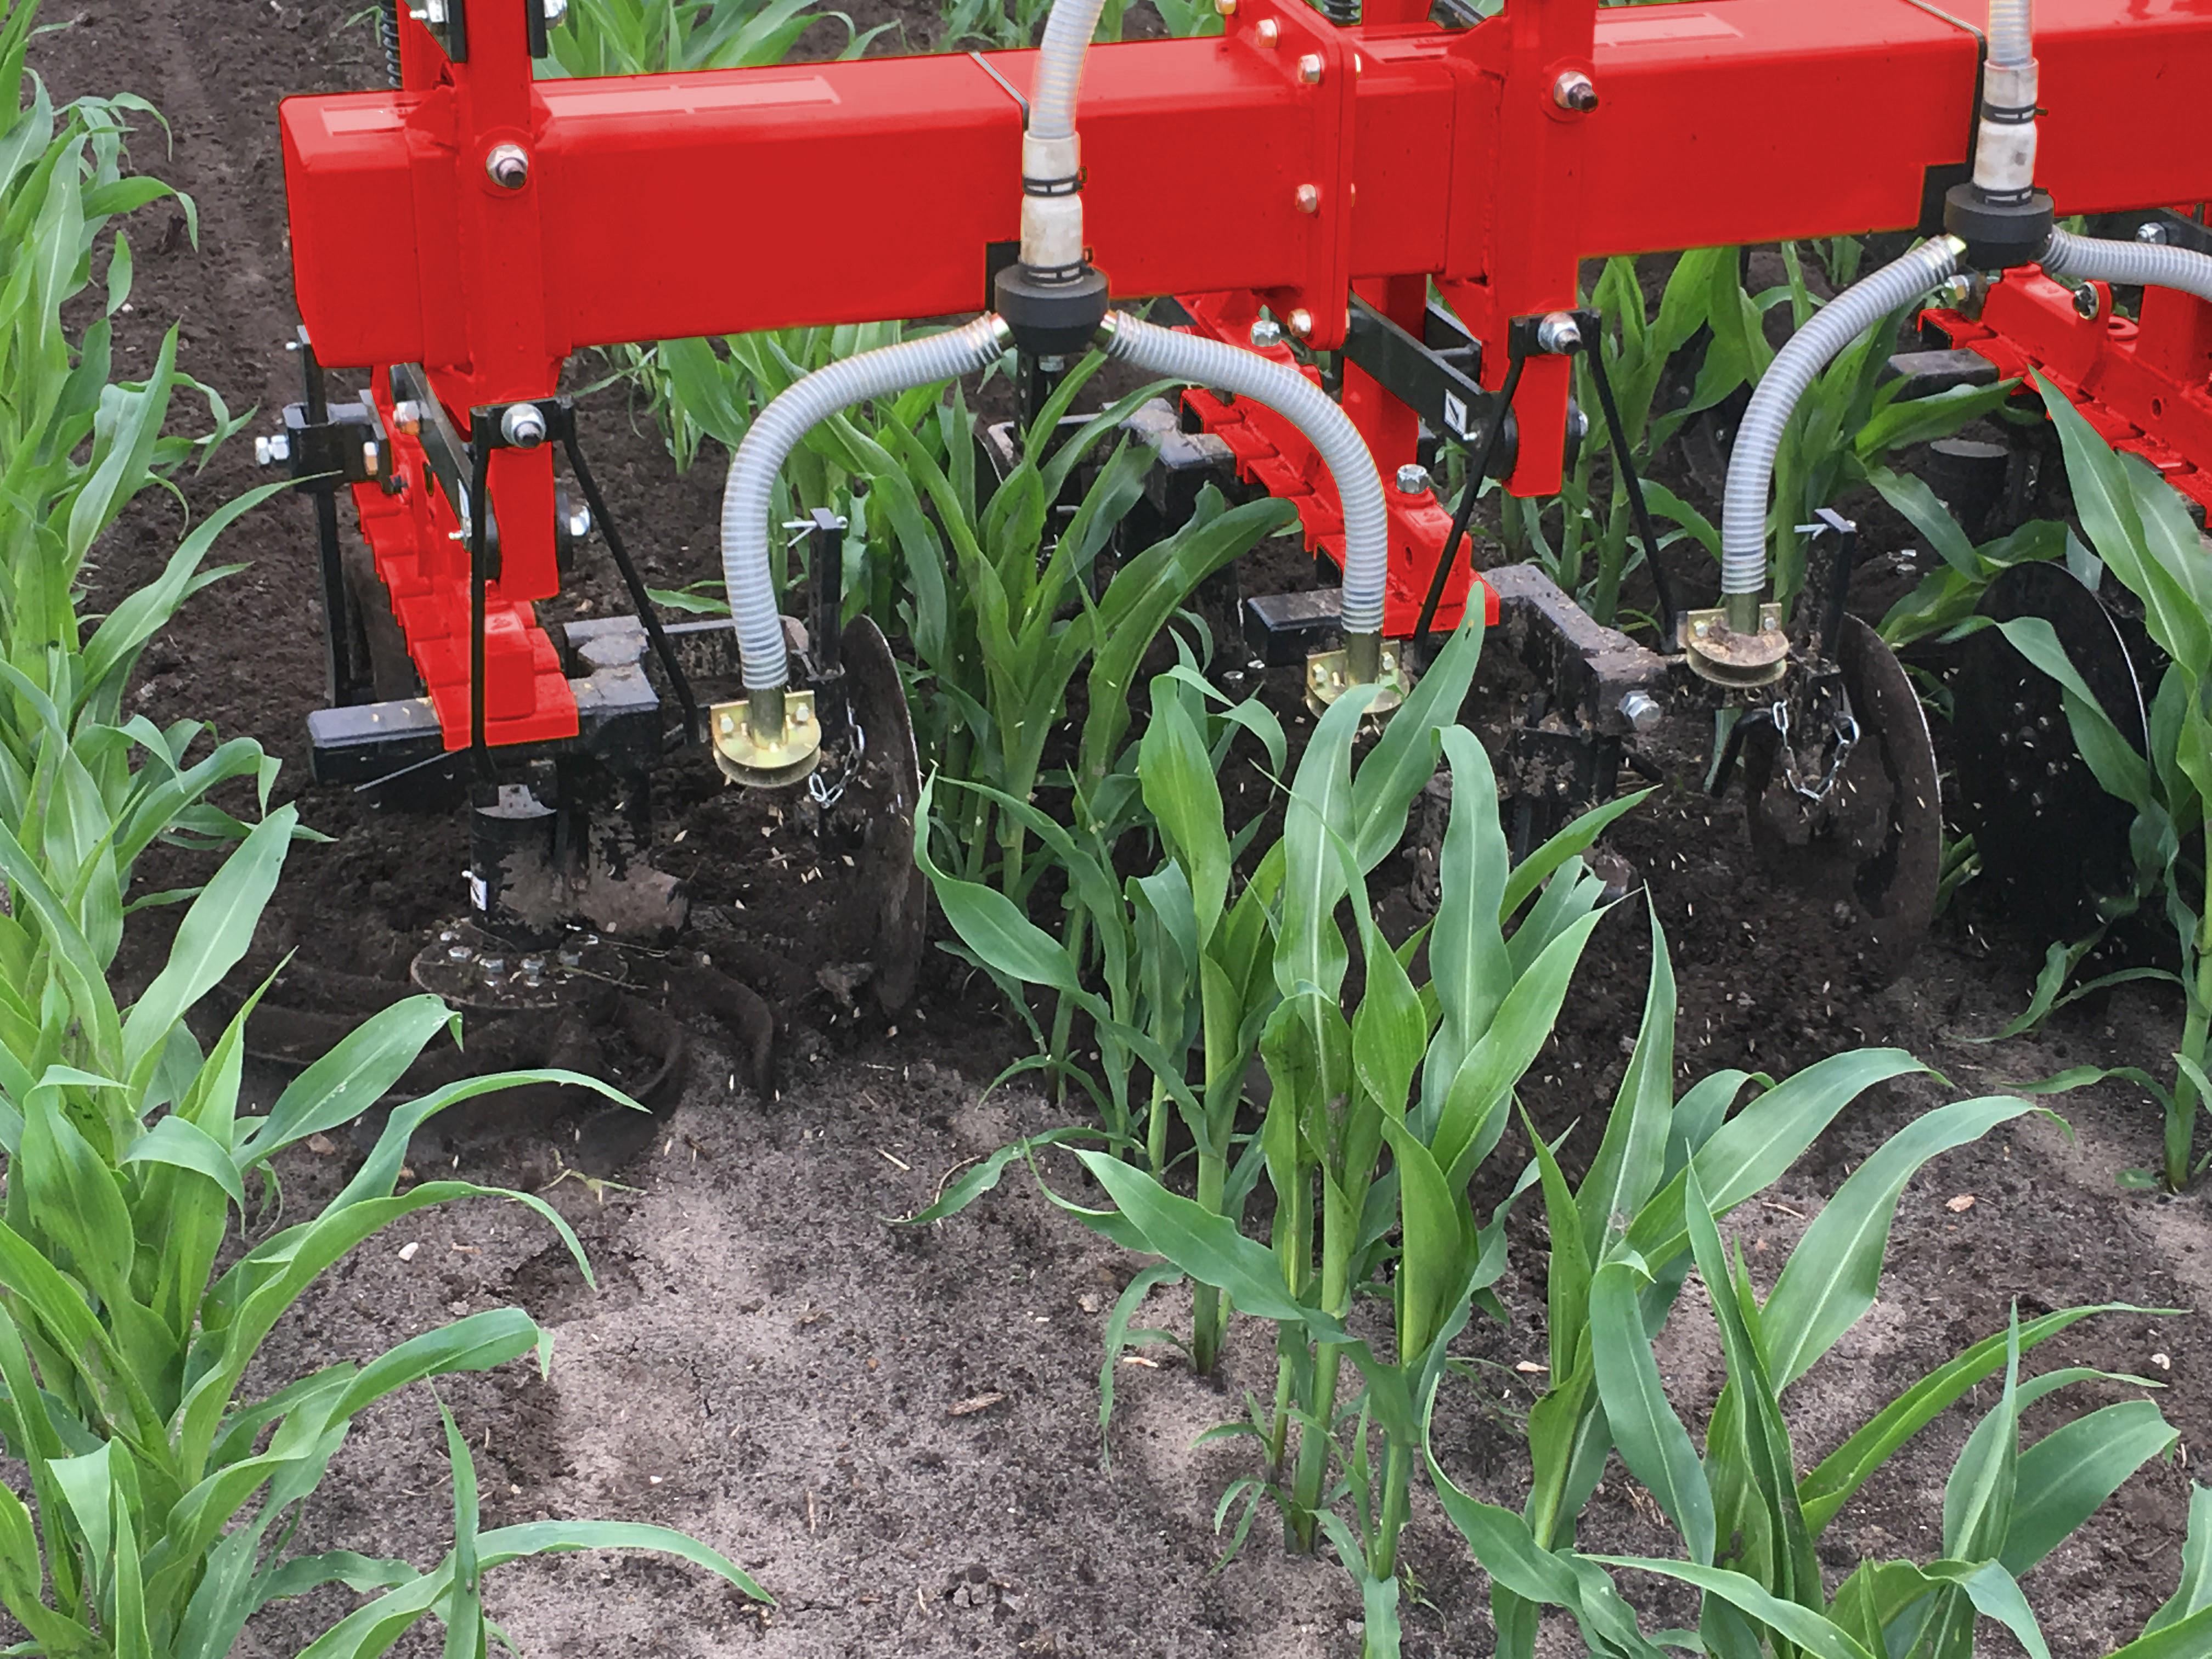 Evers schoffel-bemester voor bemesten en schoffelen van maisland in één werkgang, met zaaimachine voor onderzaai in mais